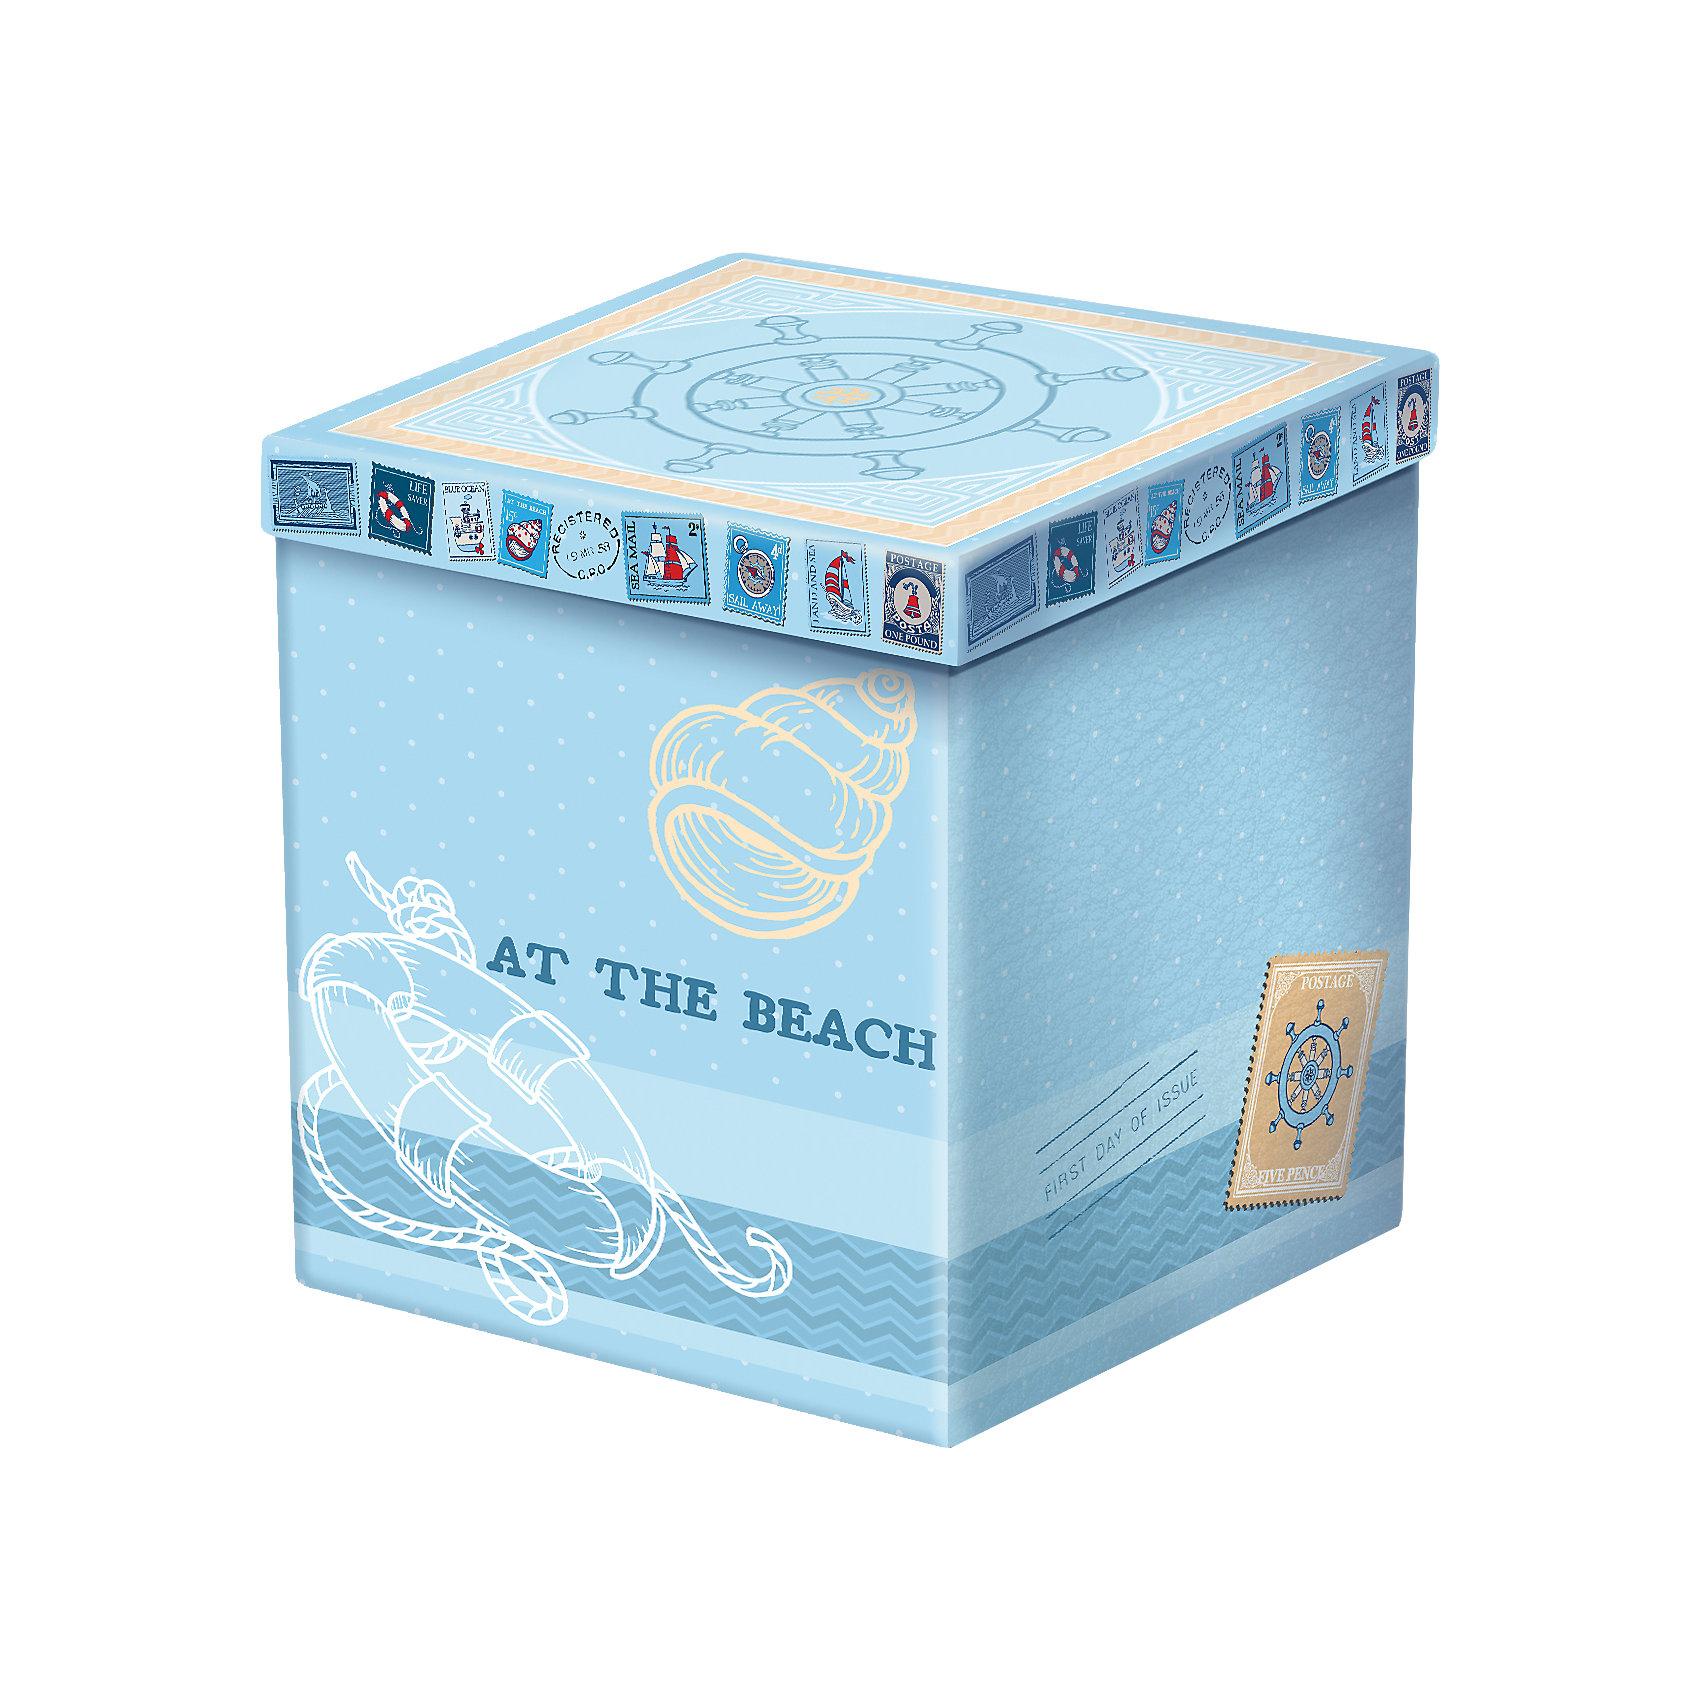 Складной пуфик МорскойНовинки для детской<br>Складной пуфик Морской - оригинальная и практичная вещь, которая прекрасно впишется в любой интерьер. Пуфик подходит для компактного хранения книг, игрушек или же любых других вещей. Также его можно использовать как дополнительное посадочное место. В сложенном виде изделие занимает мало места, при необходимости быстро раскладывается. Прекрасная идея для подарка на любой праздник. <br><br>Дополнительная информация:<br><br>- Материал: МДФ, полиуретан.<br>- Размер: 38х38х38 см.<br>- Размер в сложенном виде: 38х38х6 см.  <br>- Цвет: голубой.<br><br>Пуфик складной Морской можно купить в нашем магазине.<br><br>Ширина мм: 380<br>Глубина мм: 380<br>Высота мм: 38<br>Вес г: 1100<br>Возраст от месяцев: 36<br>Возраст до месяцев: 2147483647<br>Пол: Унисекс<br>Возраст: Детский<br>SKU: 4290334